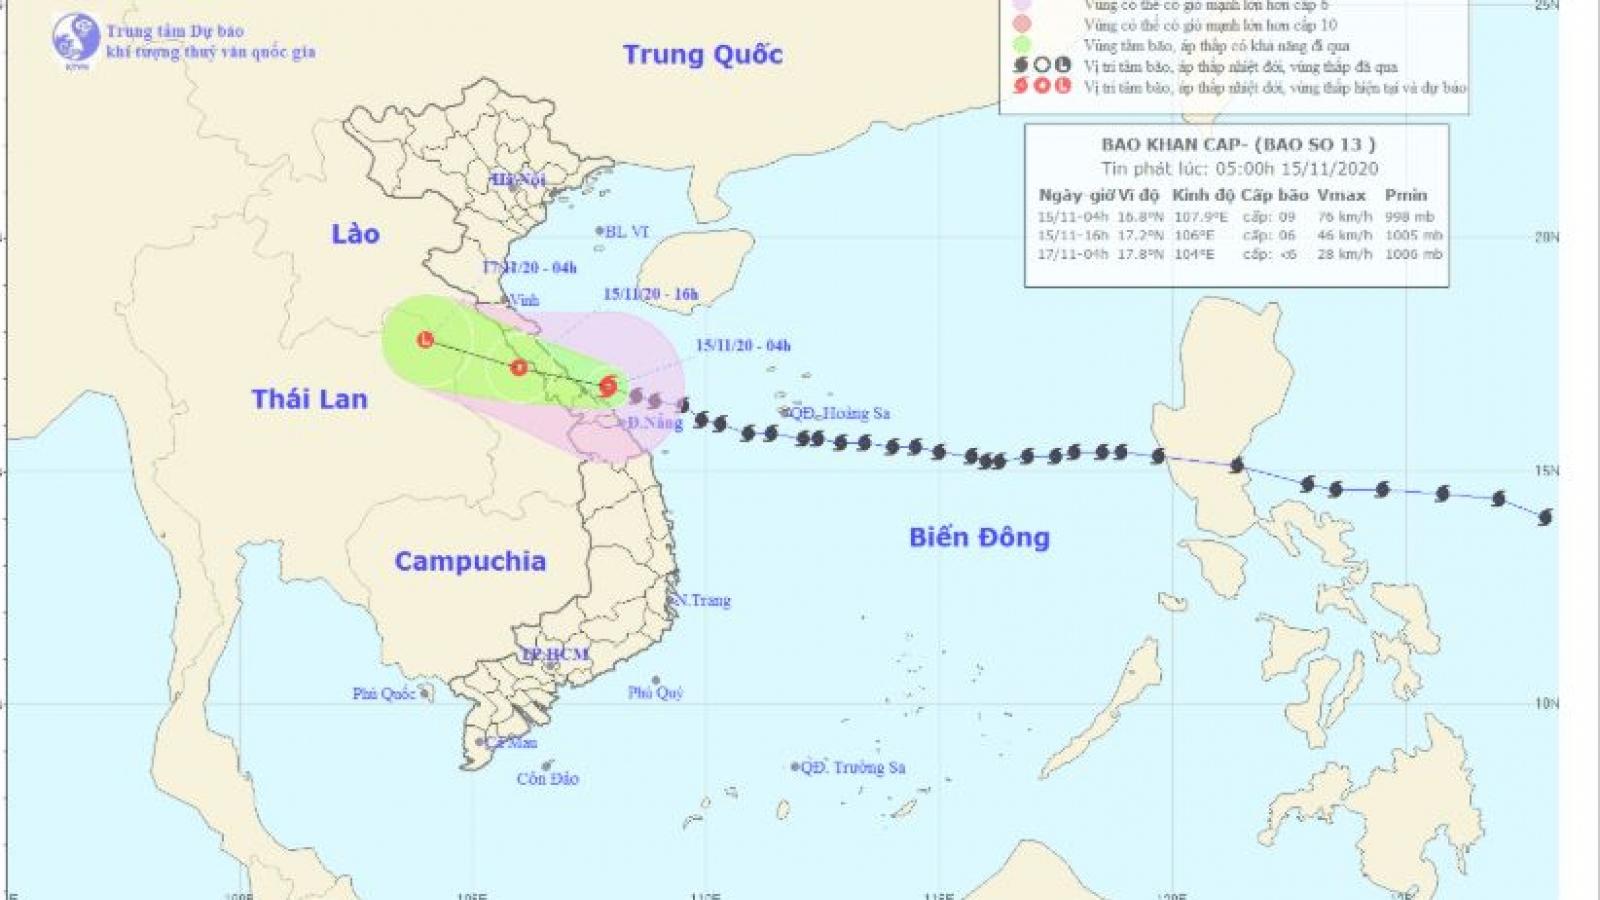 Bão số 13 đi vào các tỉnh từ Hà Tĩnh đến Thừa Thiên Huế gây mưa lớn